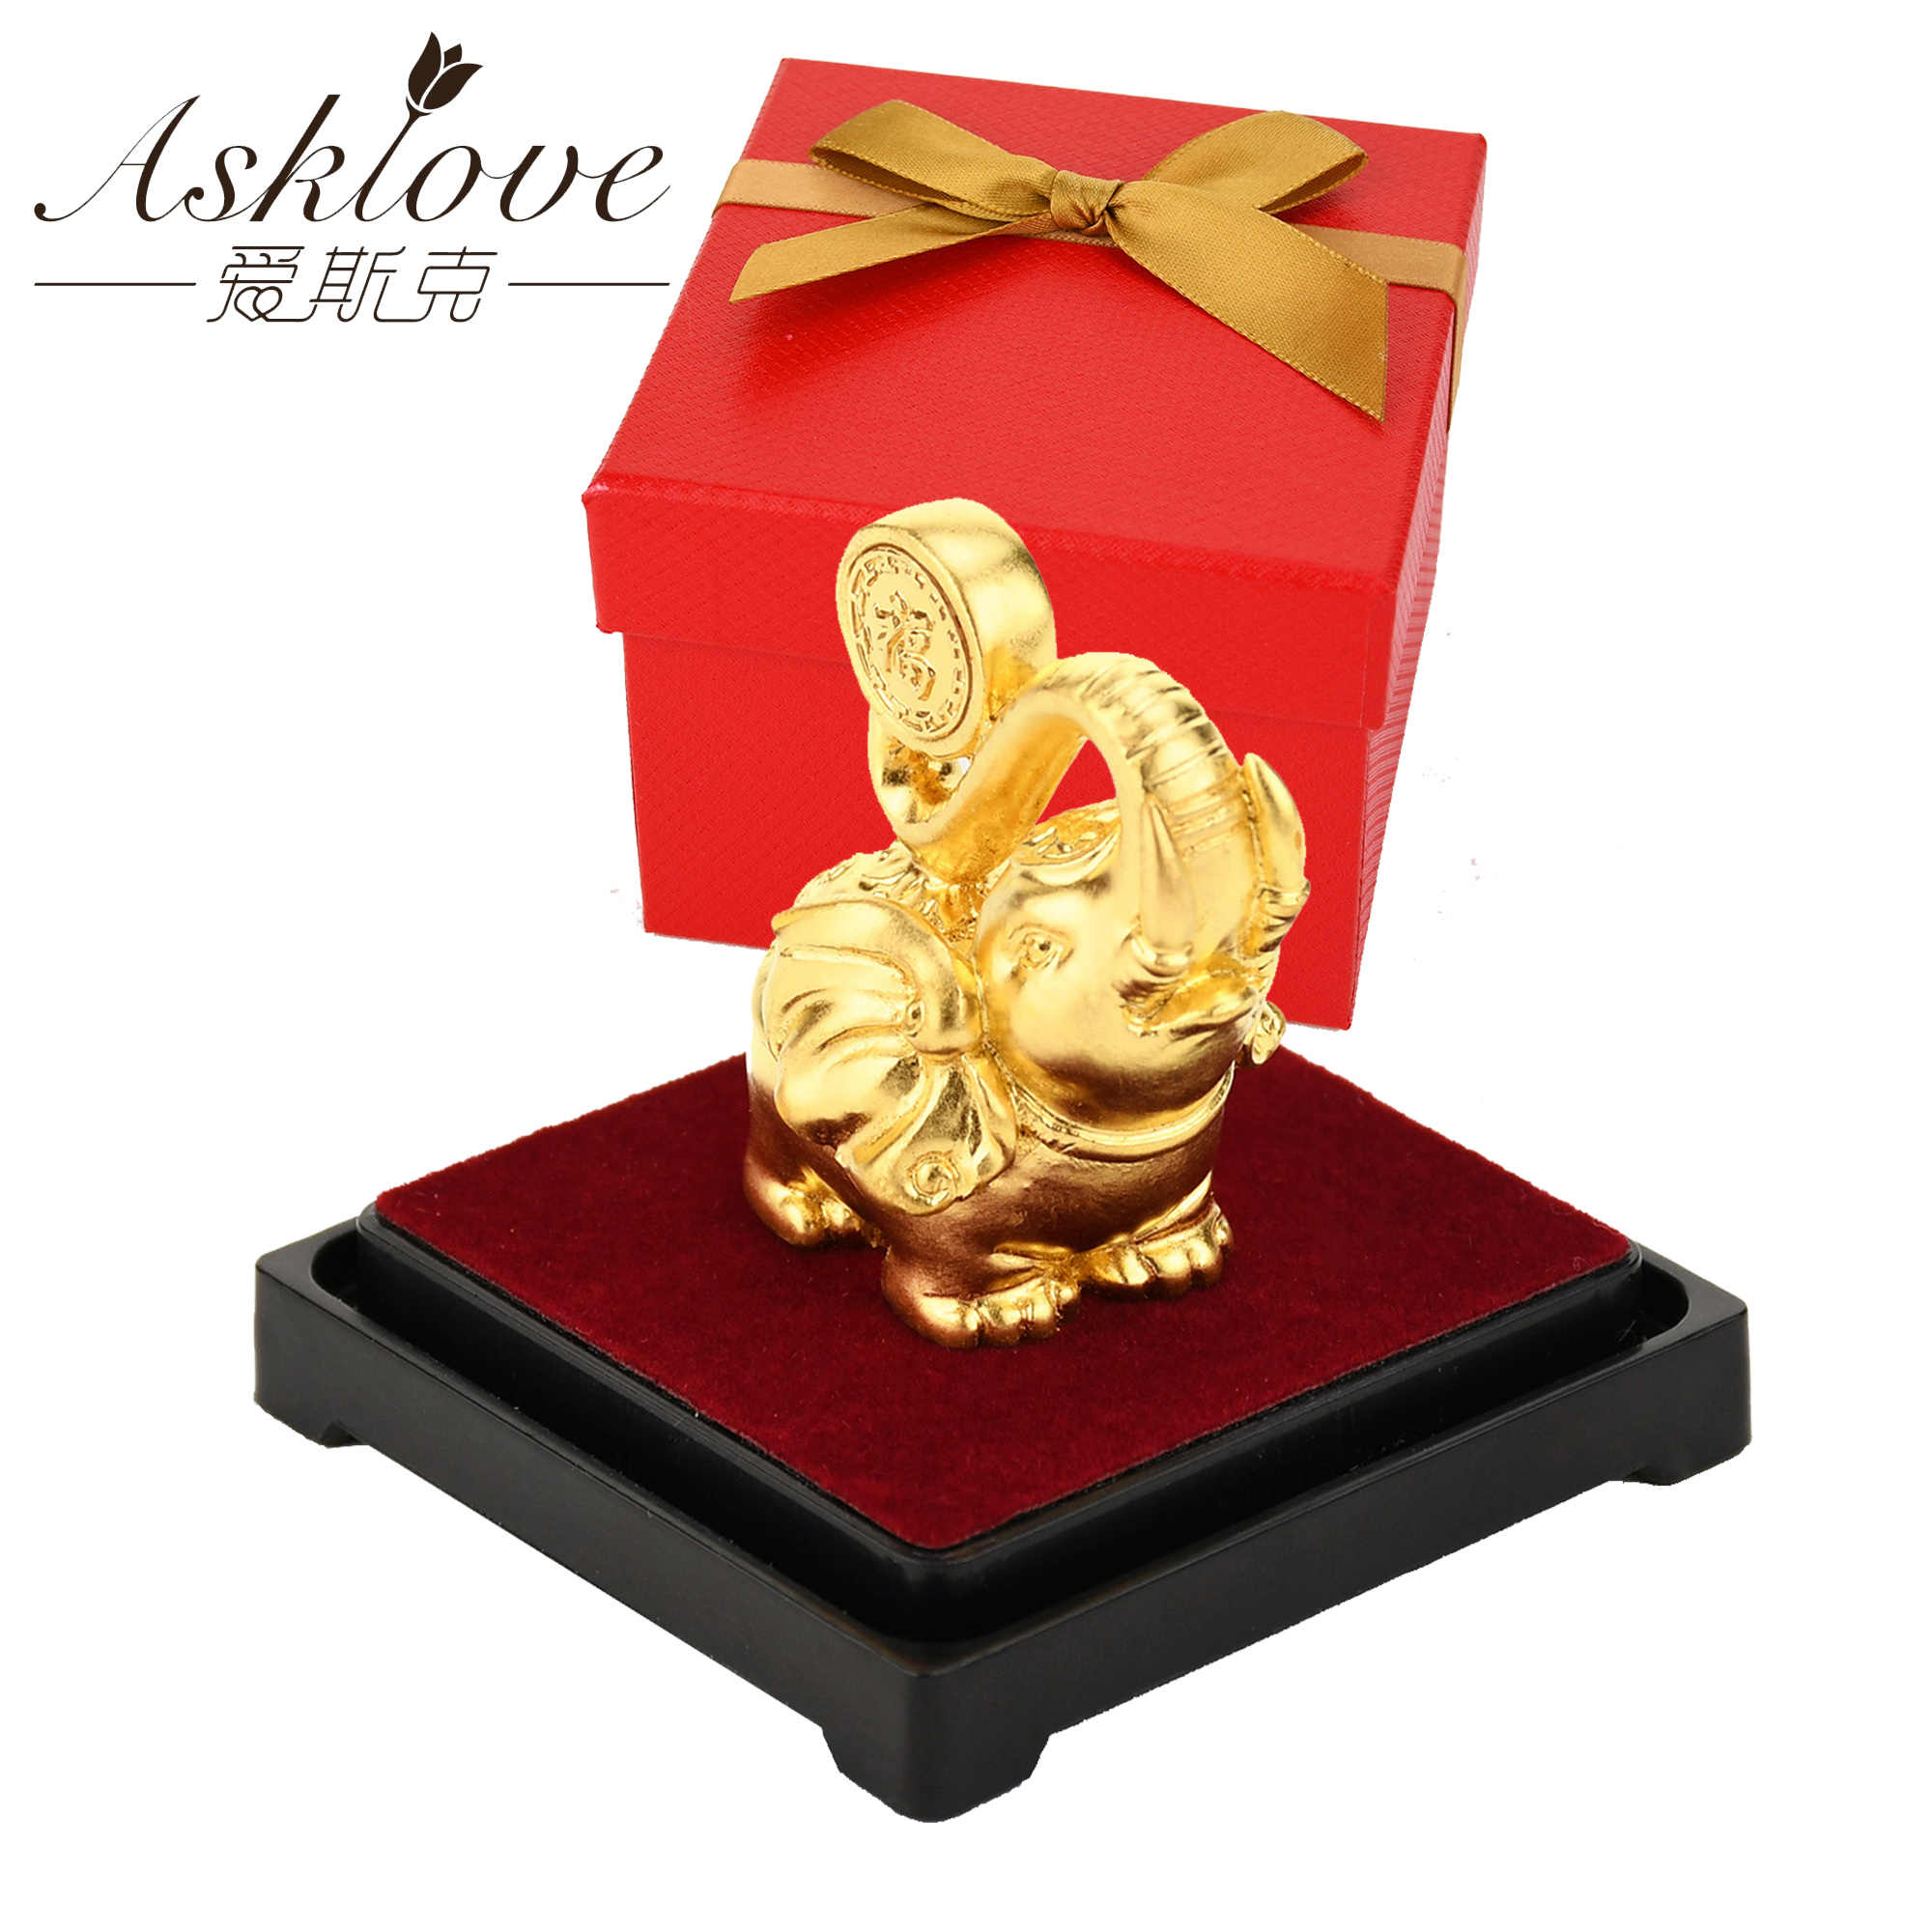 Şanslı fil Feng Shui dekor 24K altın folyo fil heykeli heykelcik ofis süs el sanatları toplamak servet ev ofis dekor